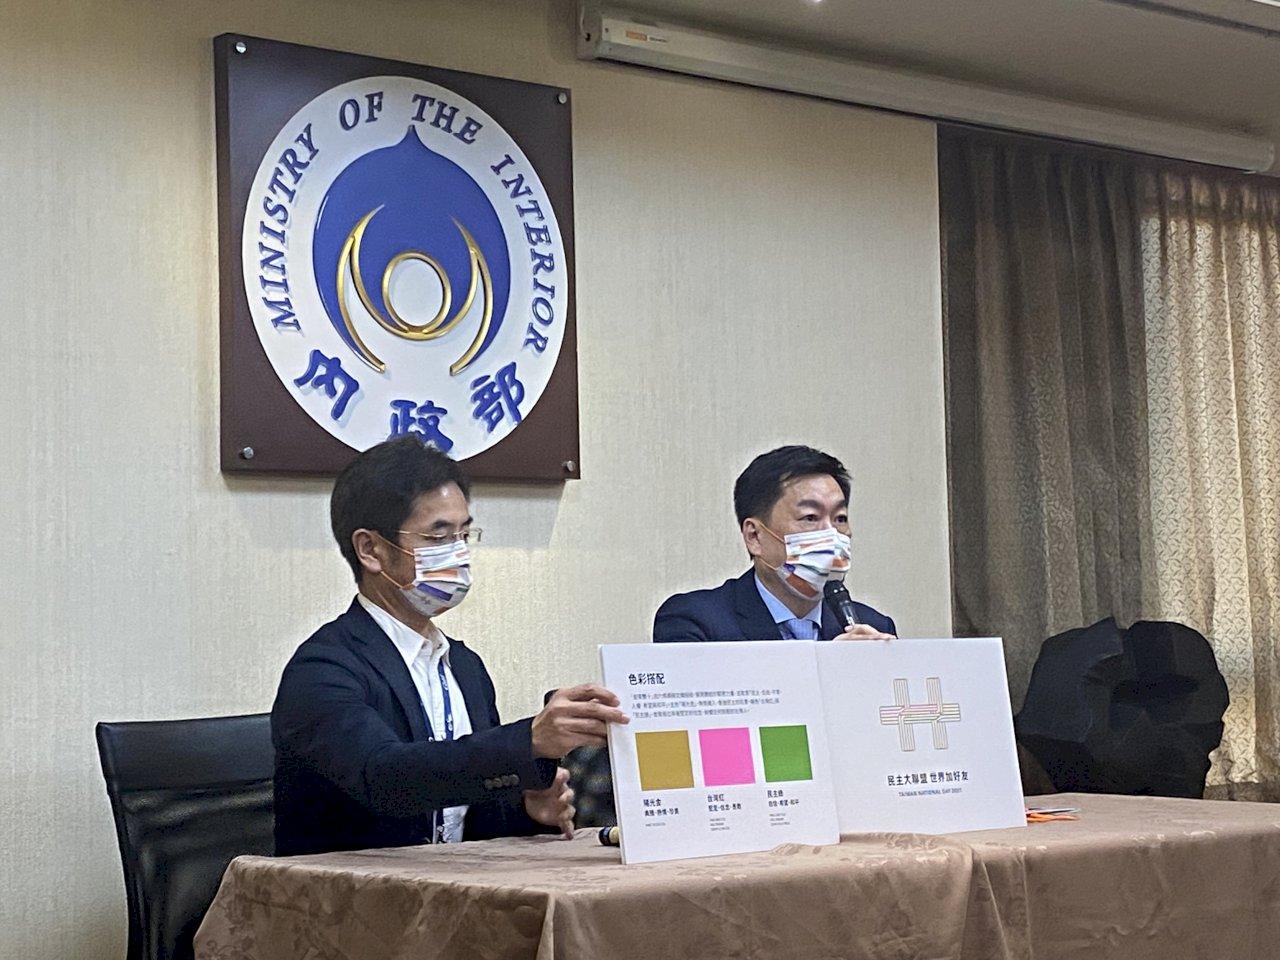 國慶大會防疫備案擬好了 陳宗彥:初步規劃降載至4000人